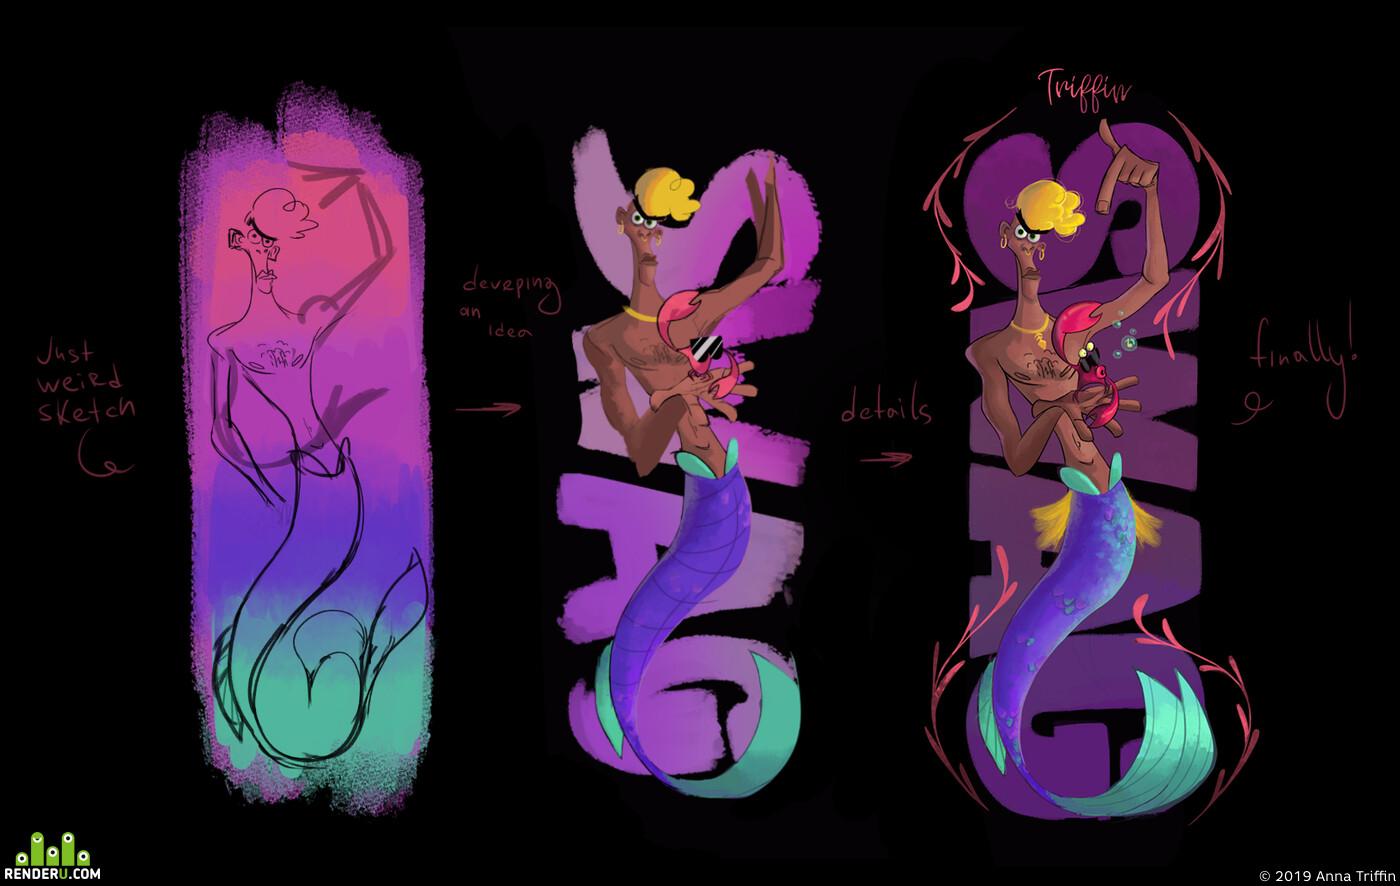 Персонажи, Персонаж, дизайн персонажа, мужской персонаж, мультяшное, мультяшка, стилизация, стилистика, русалка